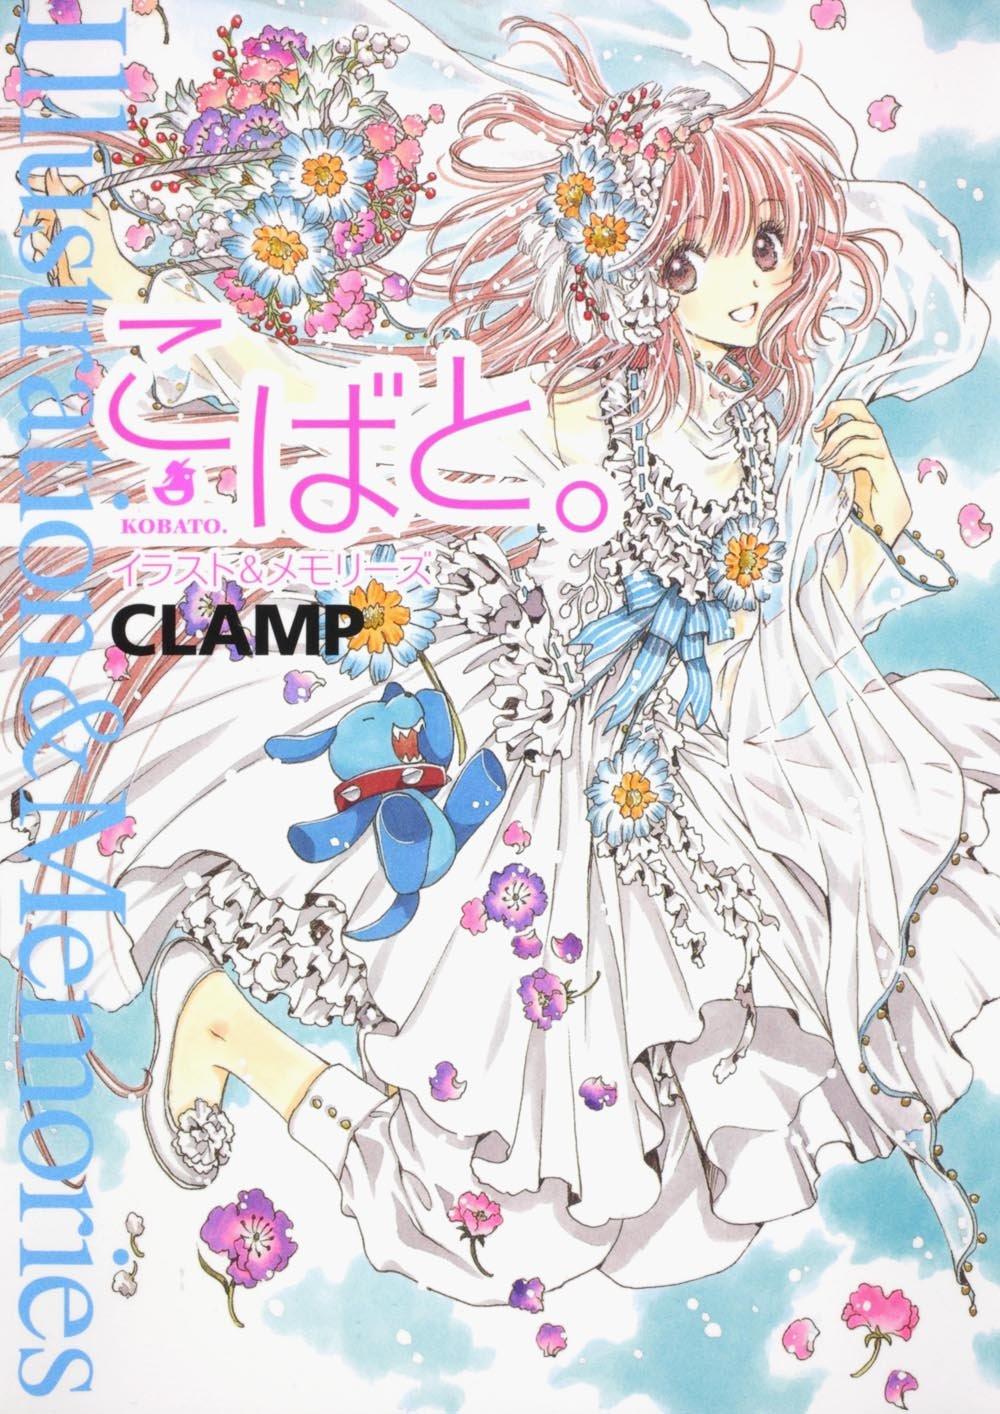 CLAMP Cardcaptor Sakura Illustration CollectionJapanese Manga Art Book JAPAN